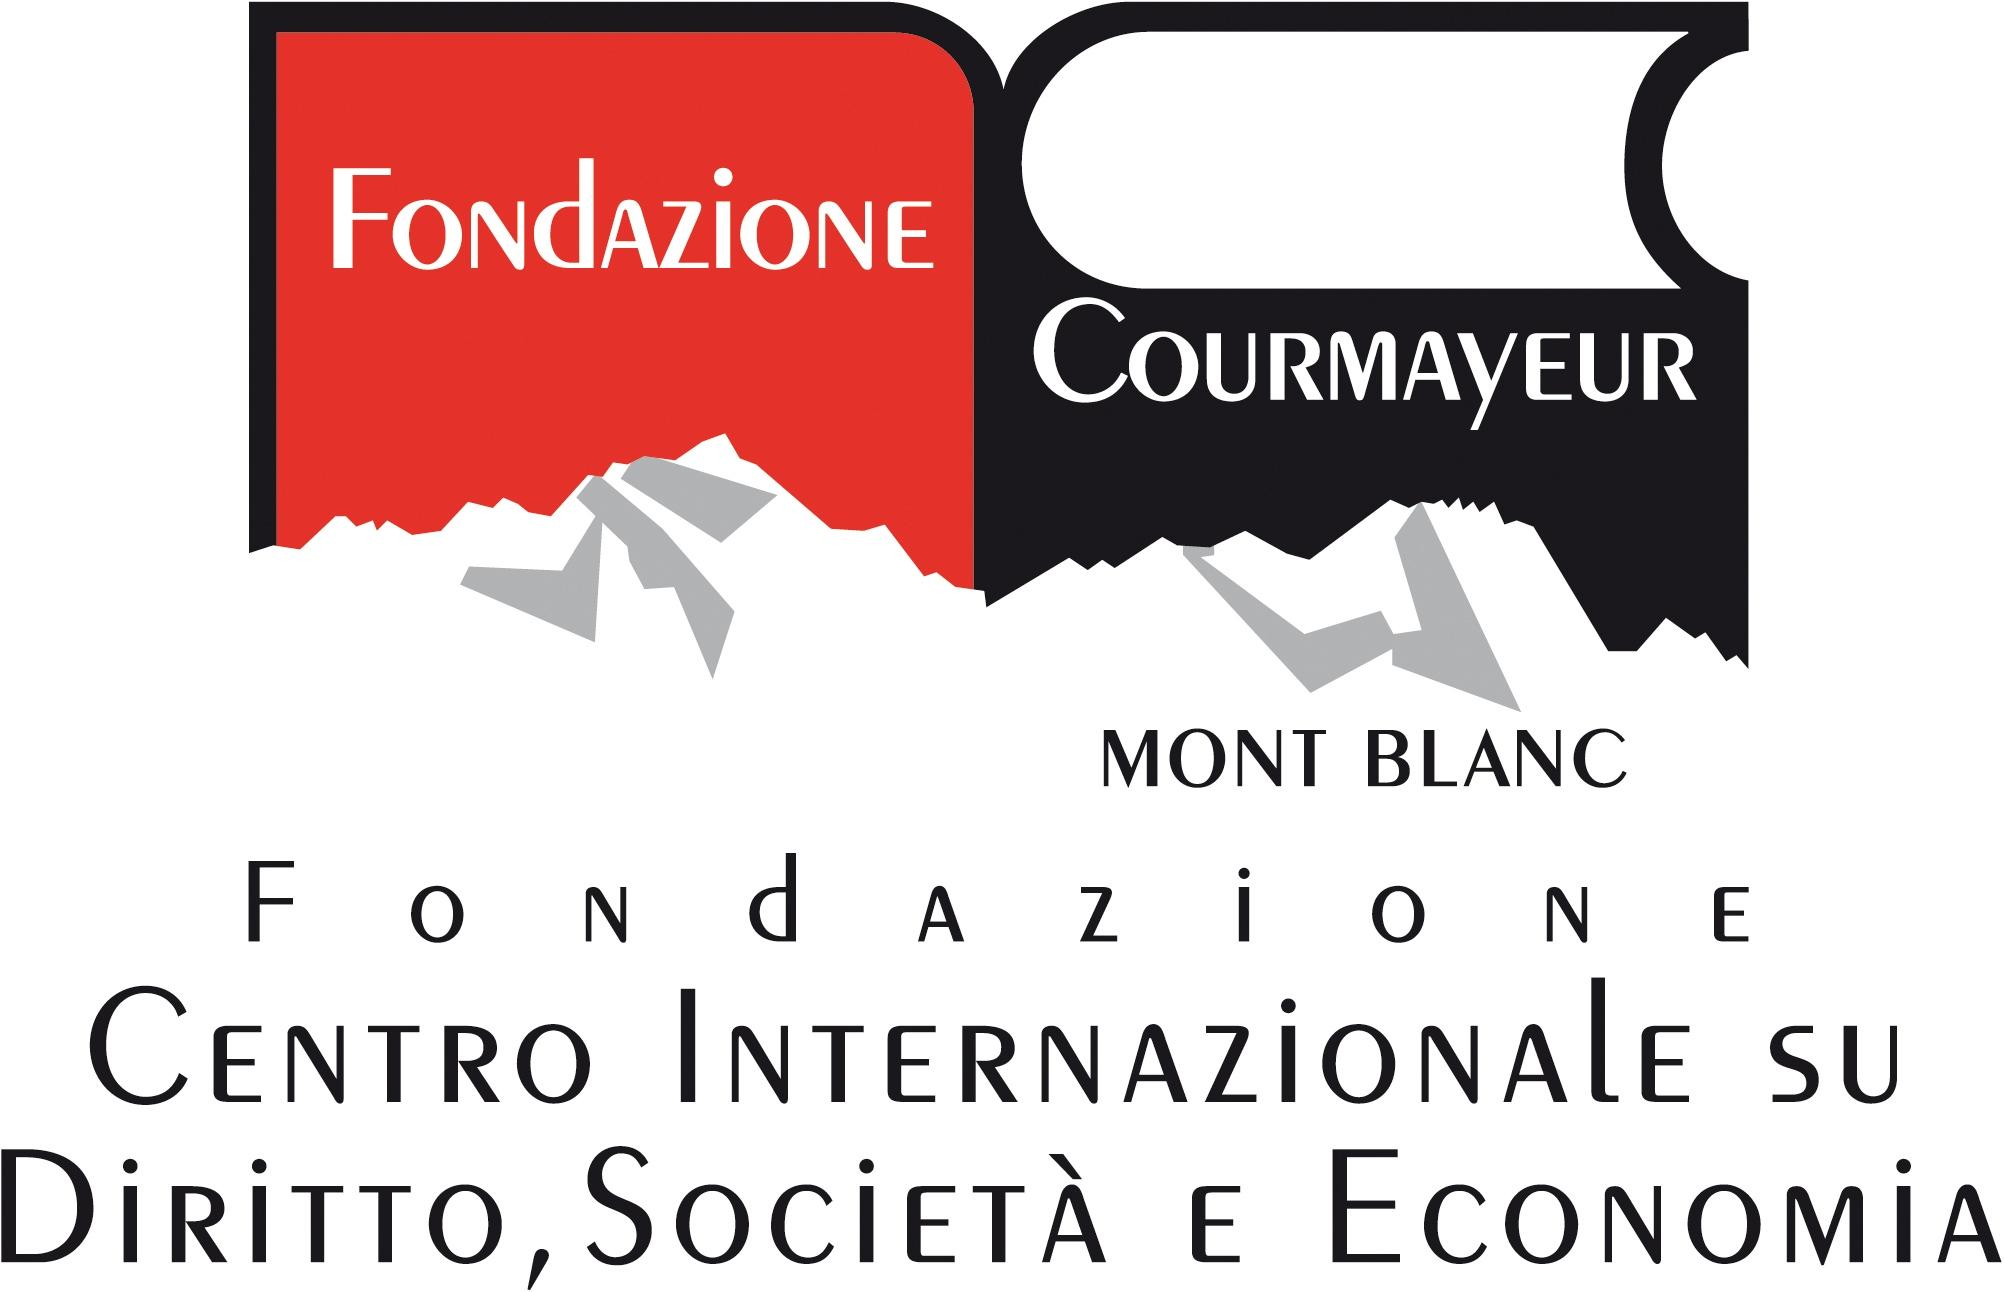 Fondazione Courmayeur Mont Blanc